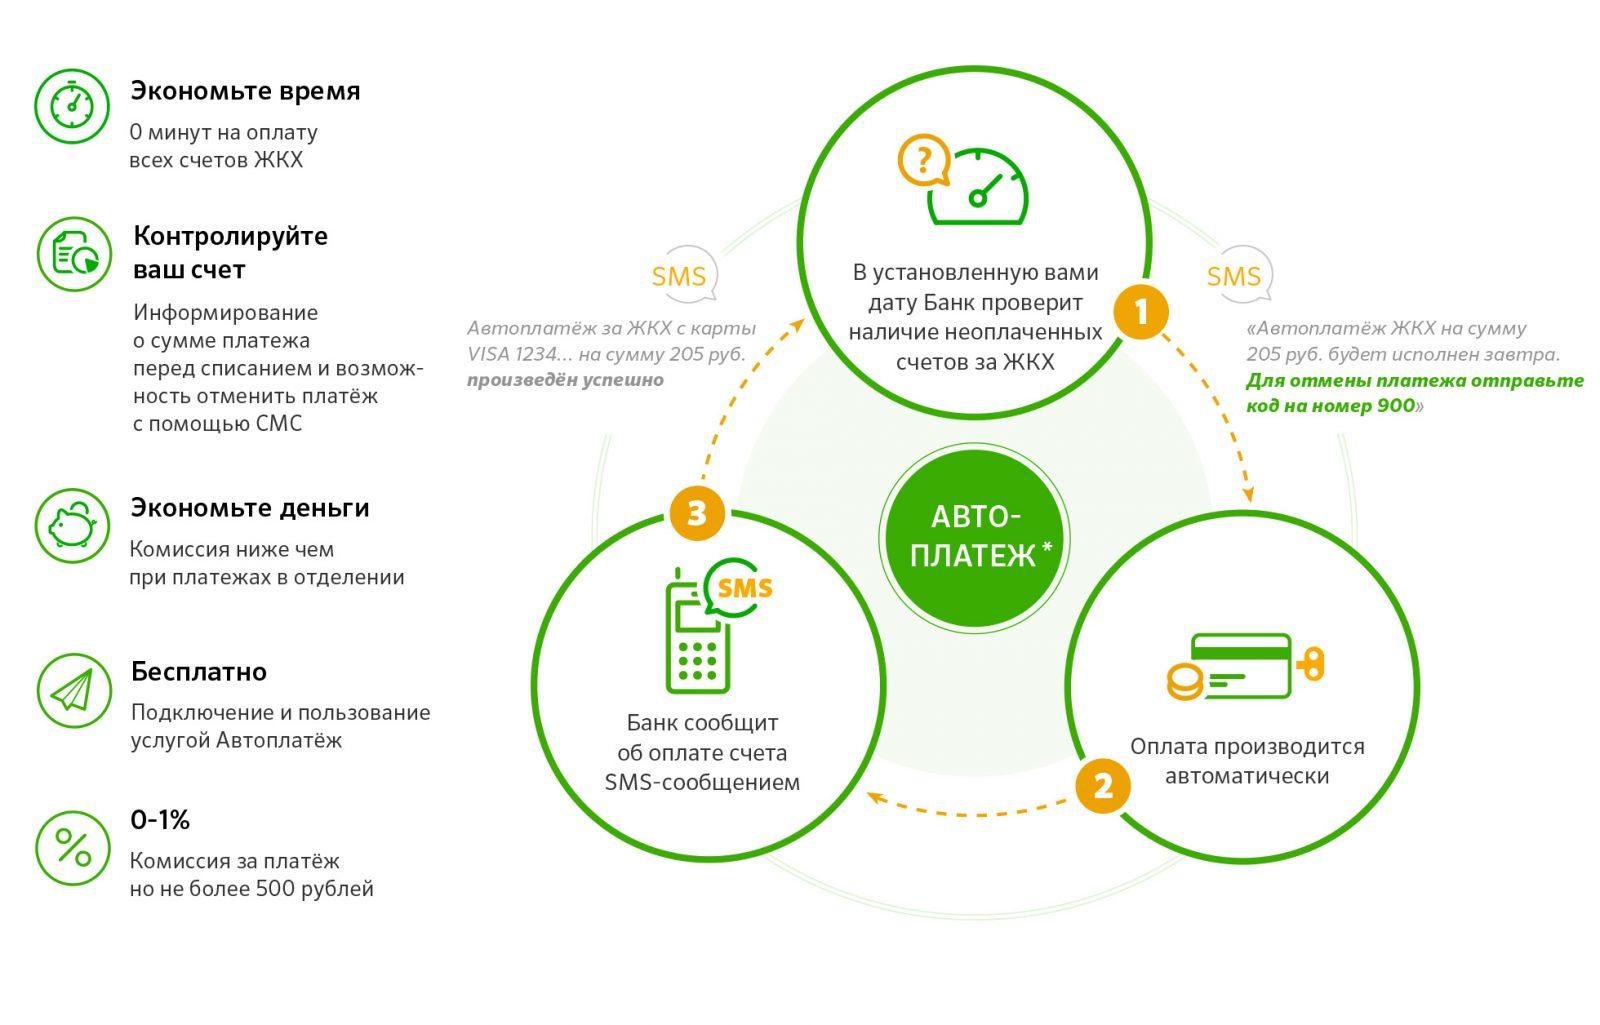 Автоплатеж услуг Ростелекома через «Сбербанк Онлайн»